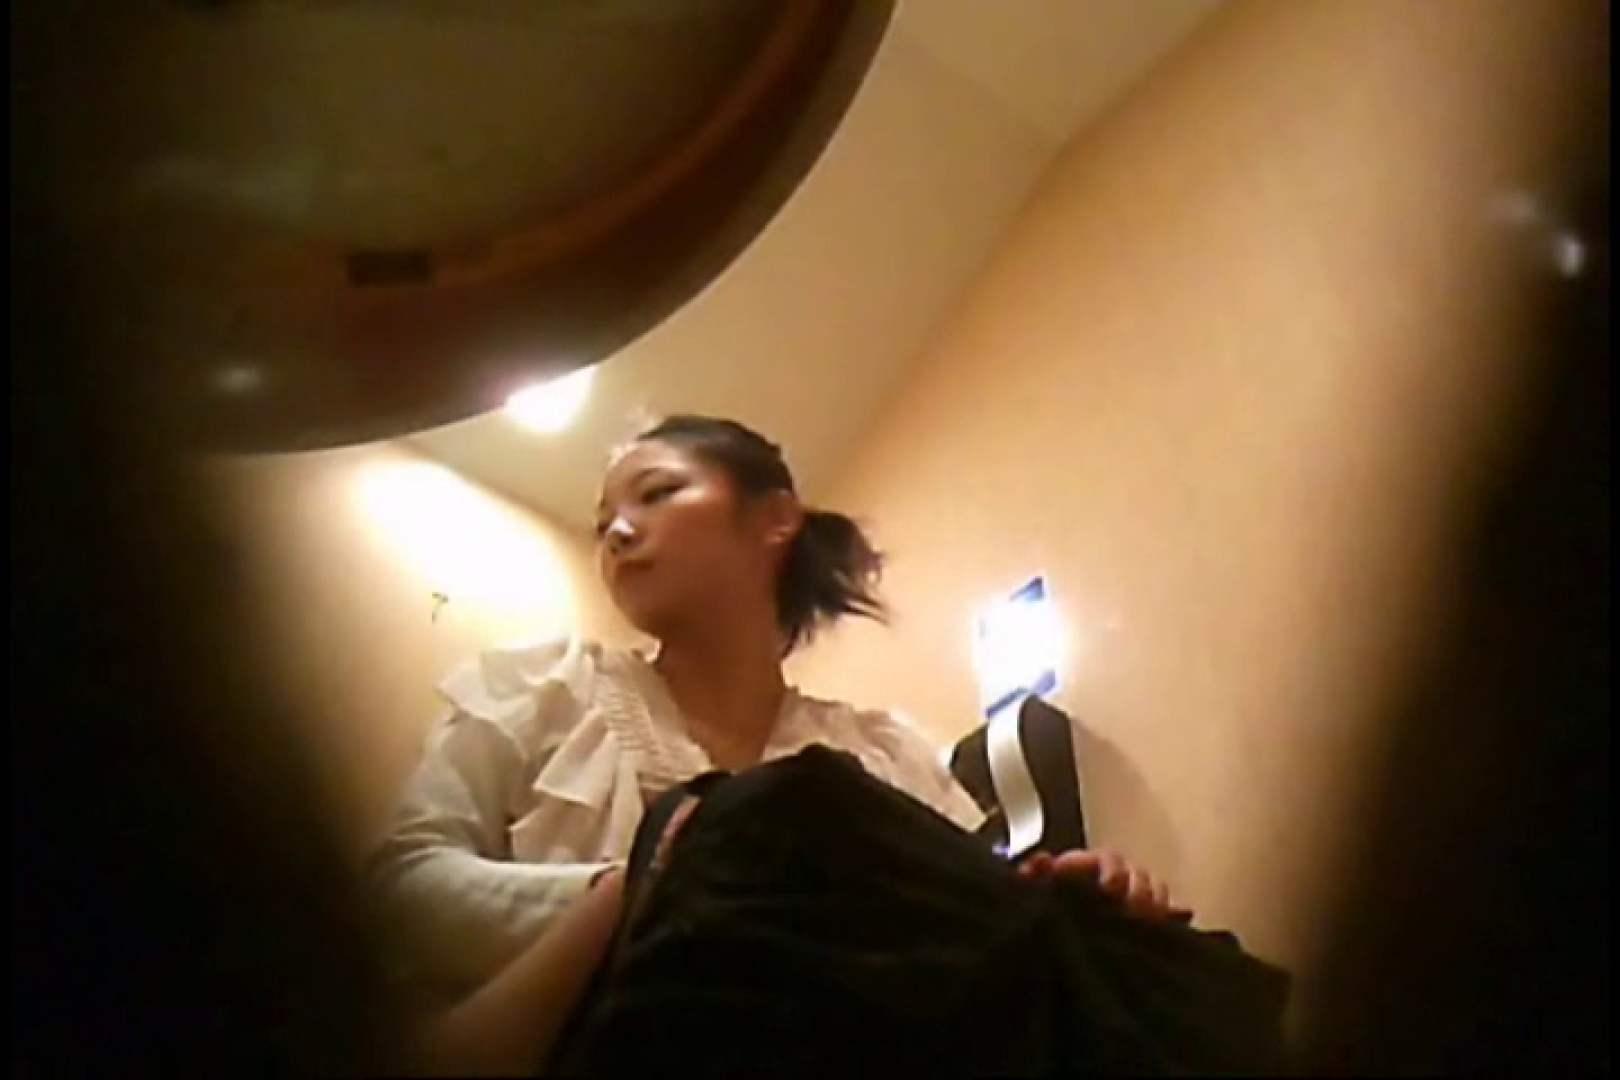 画質向上!新亀さん厠 vol.03 HなOL | 潜入シリーズ  74pic 35